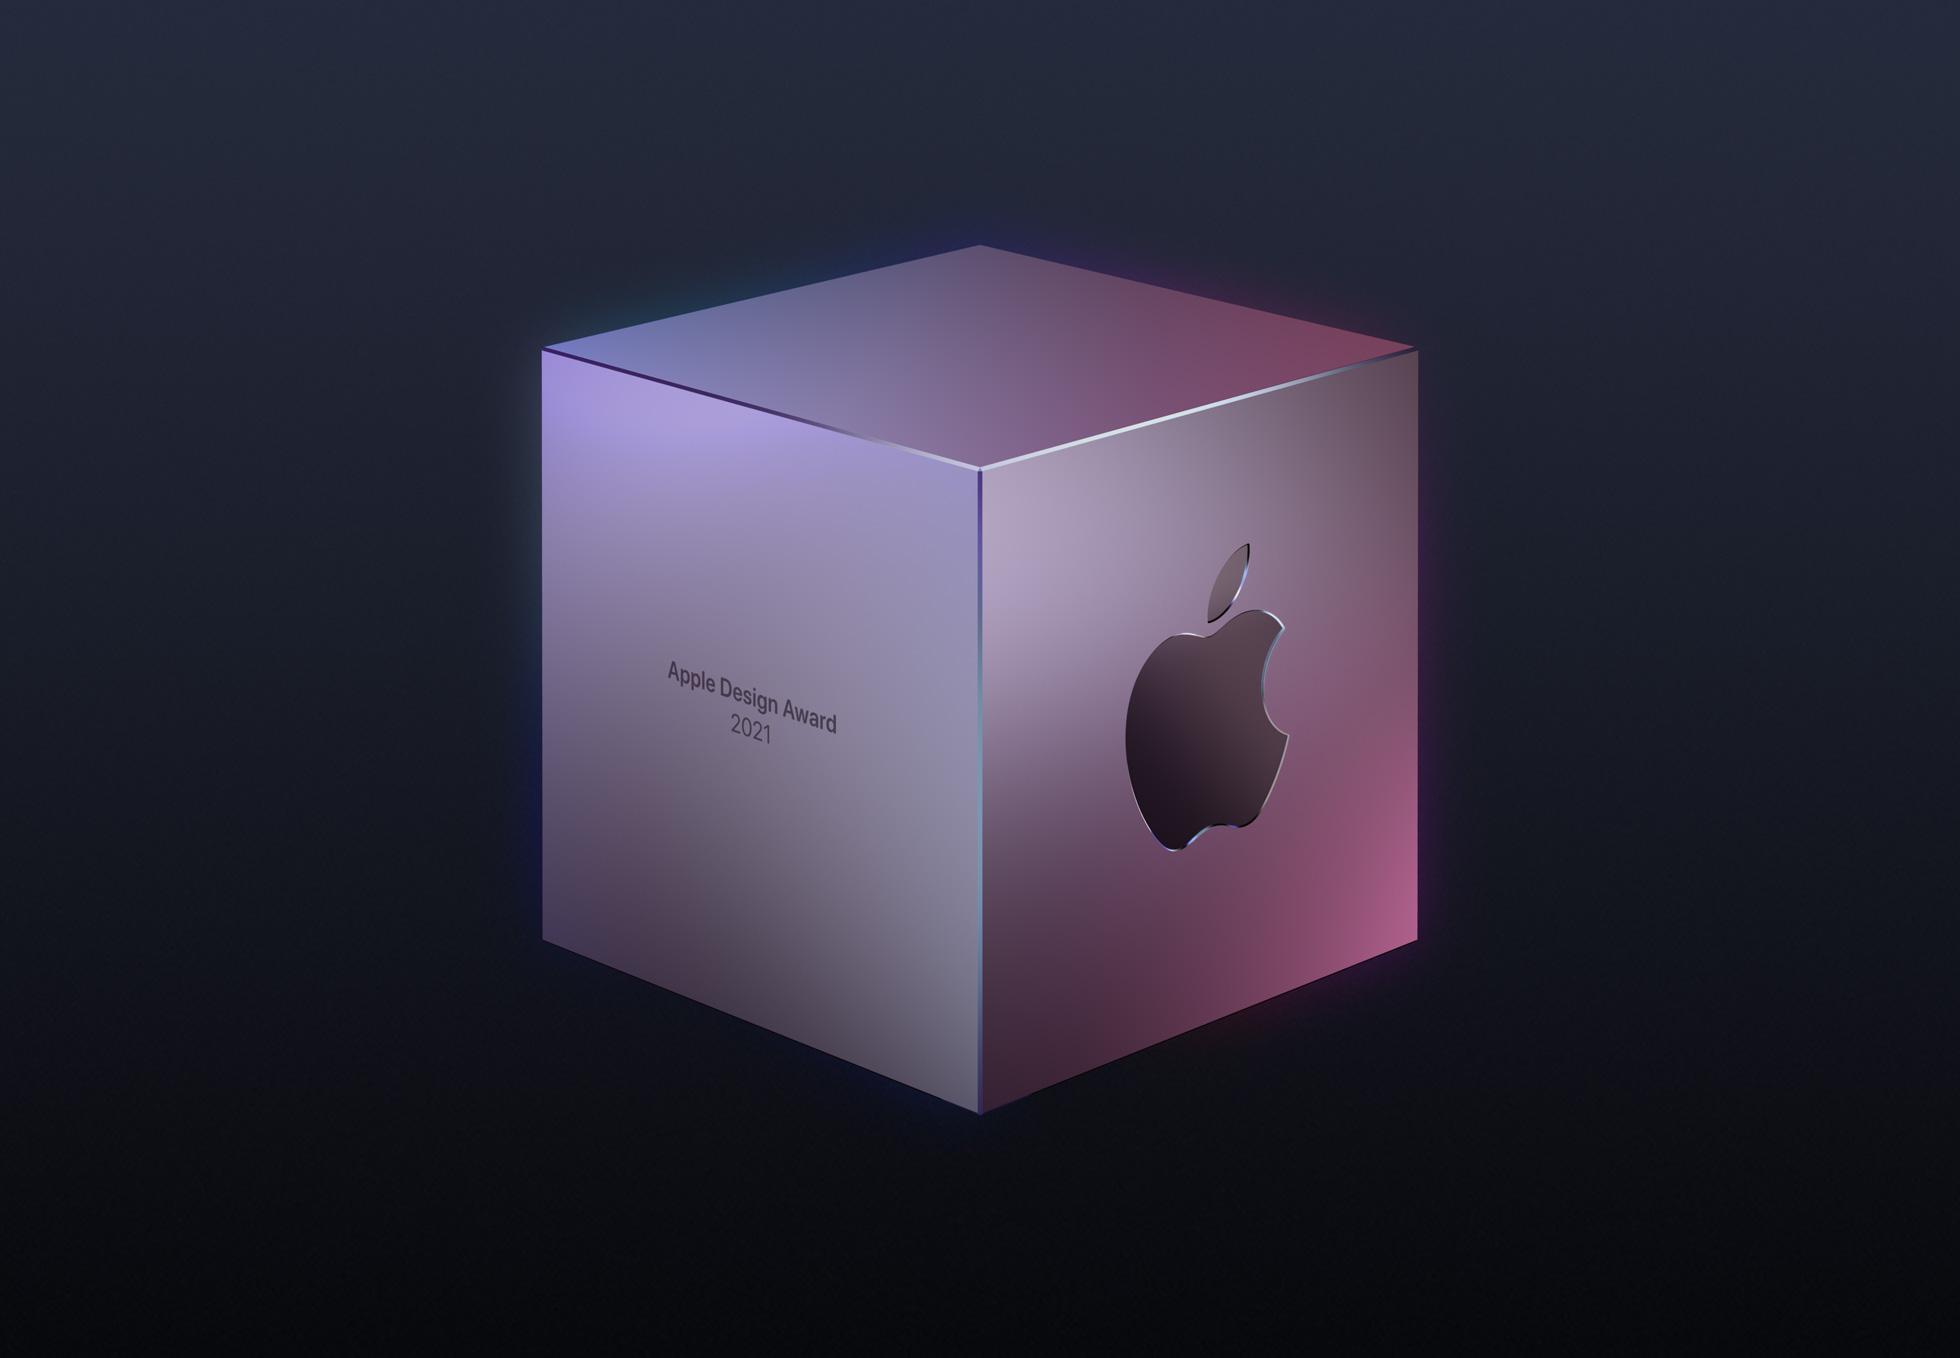 Apple_WWDC21-Apple-Design-Awards_061021.jpg